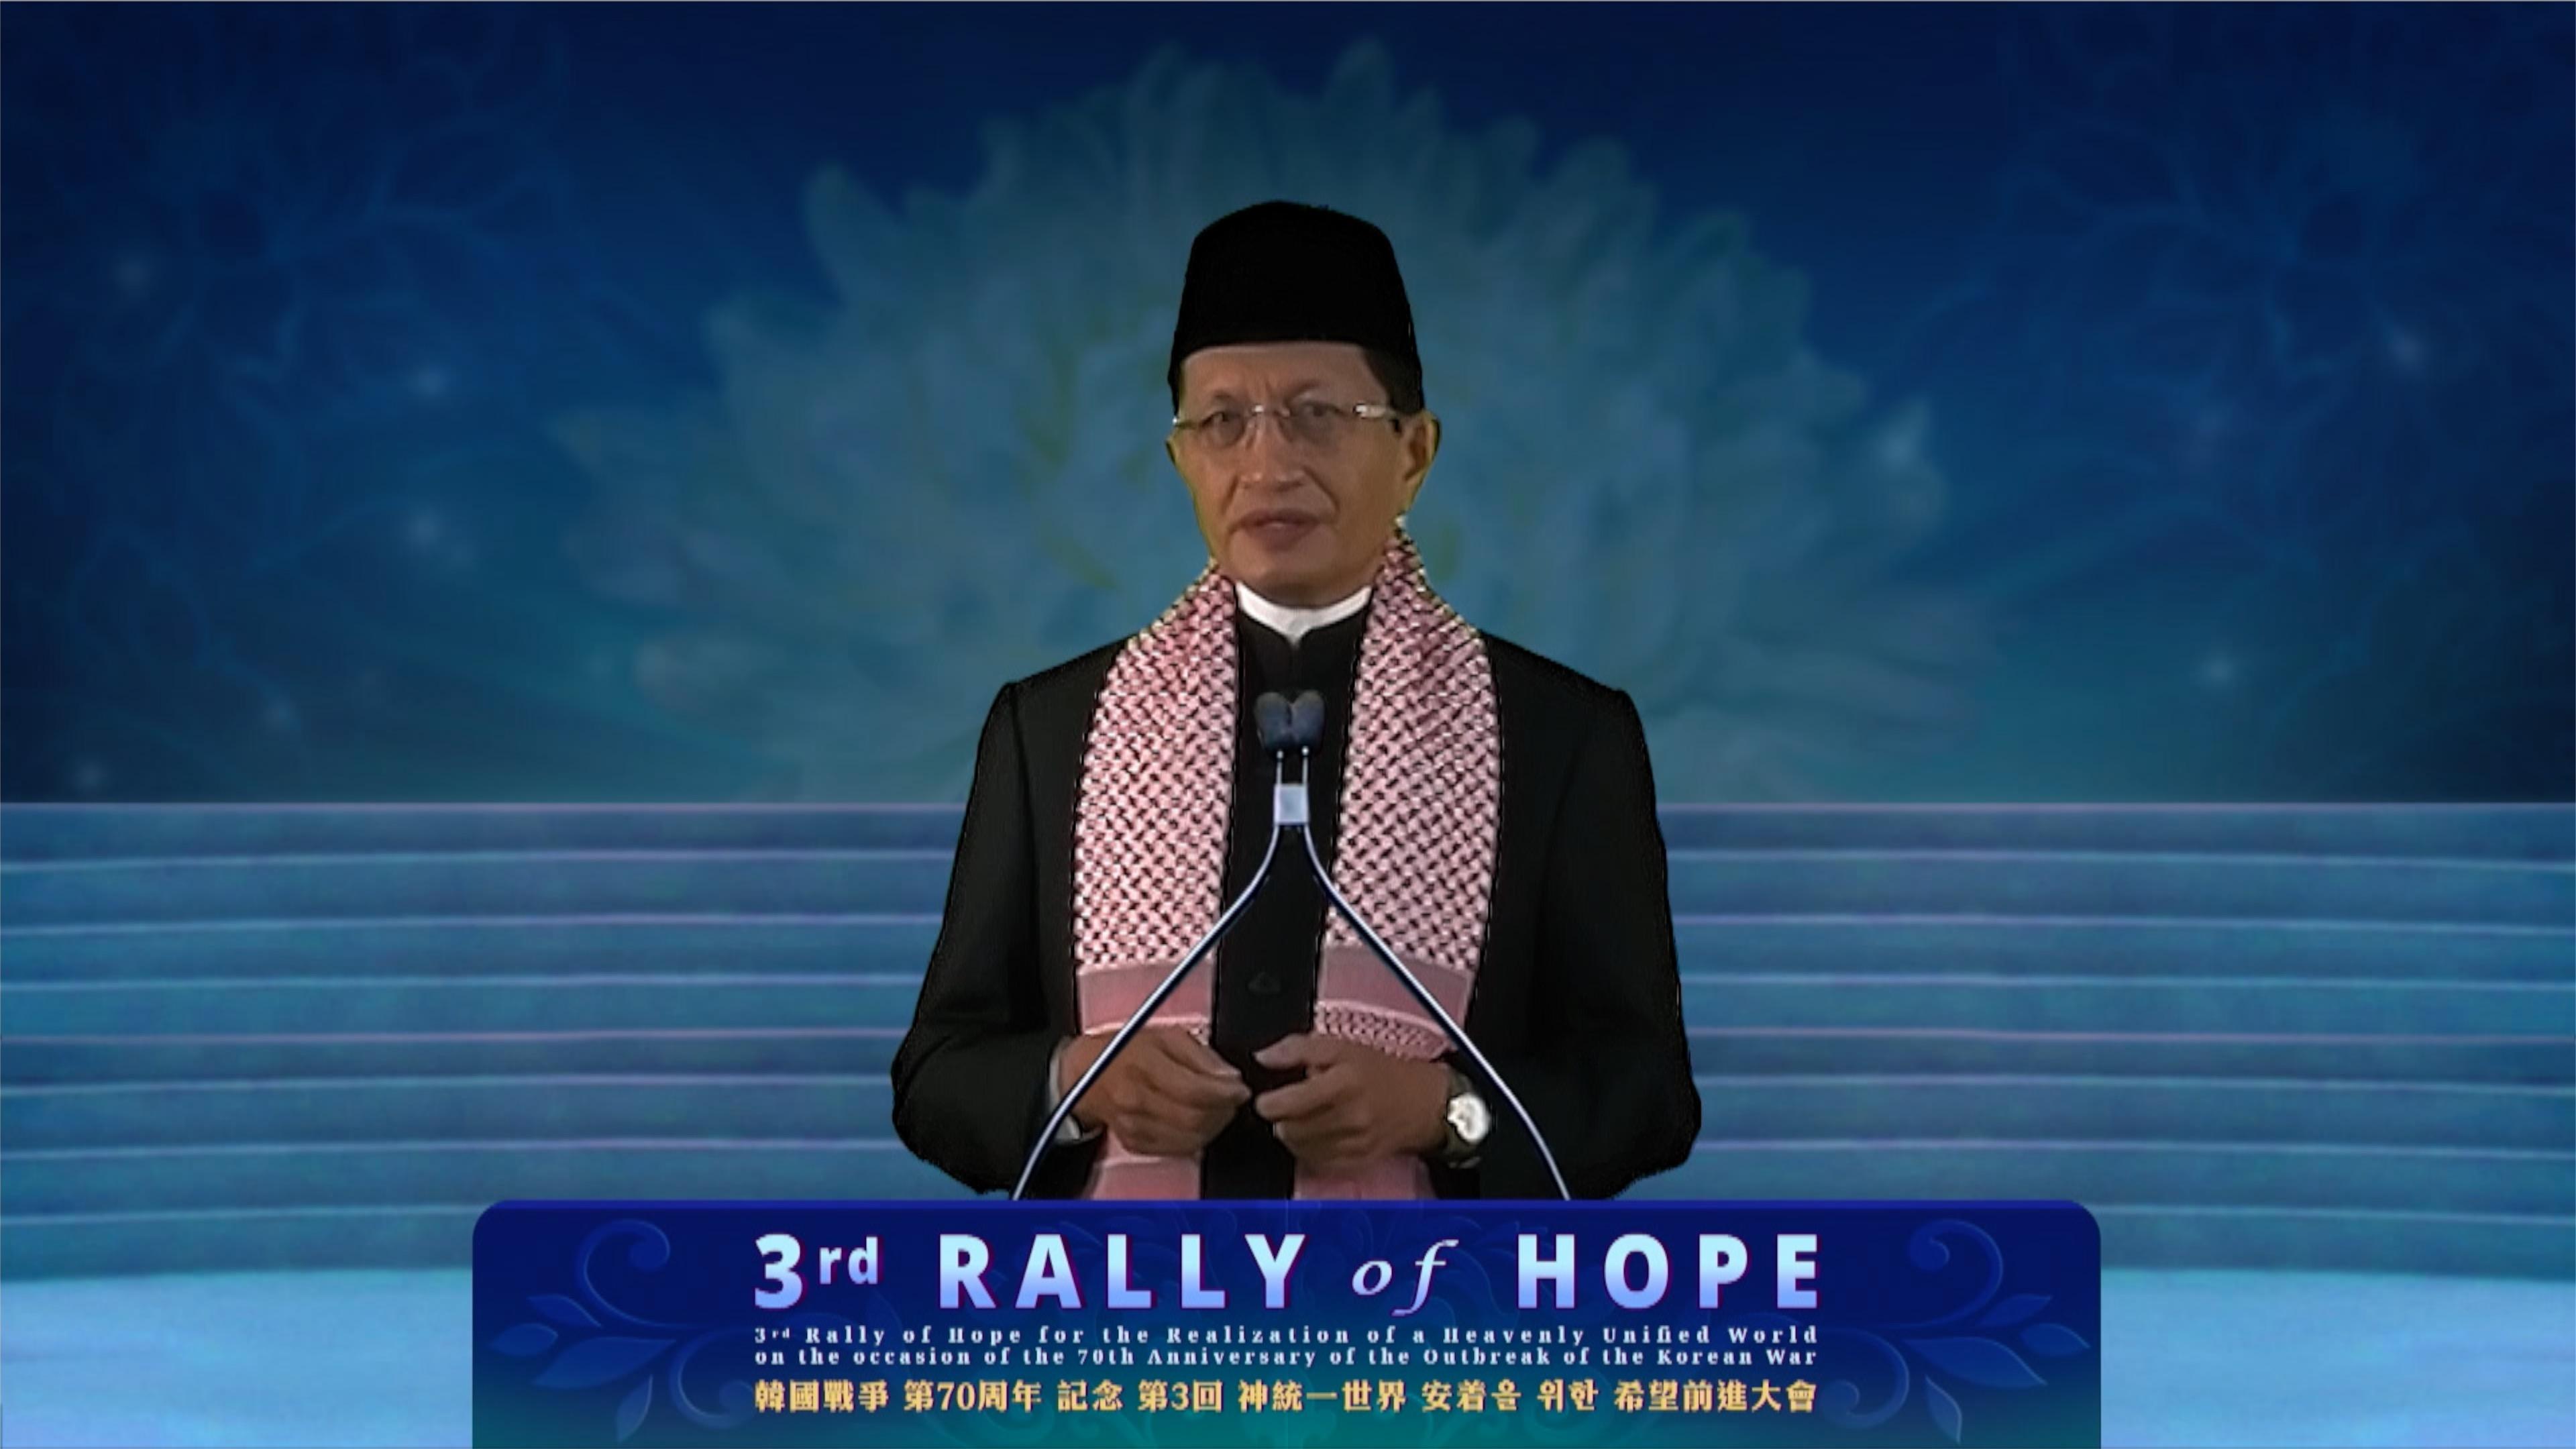 第三屆「神統一世界安着希望前進大會」